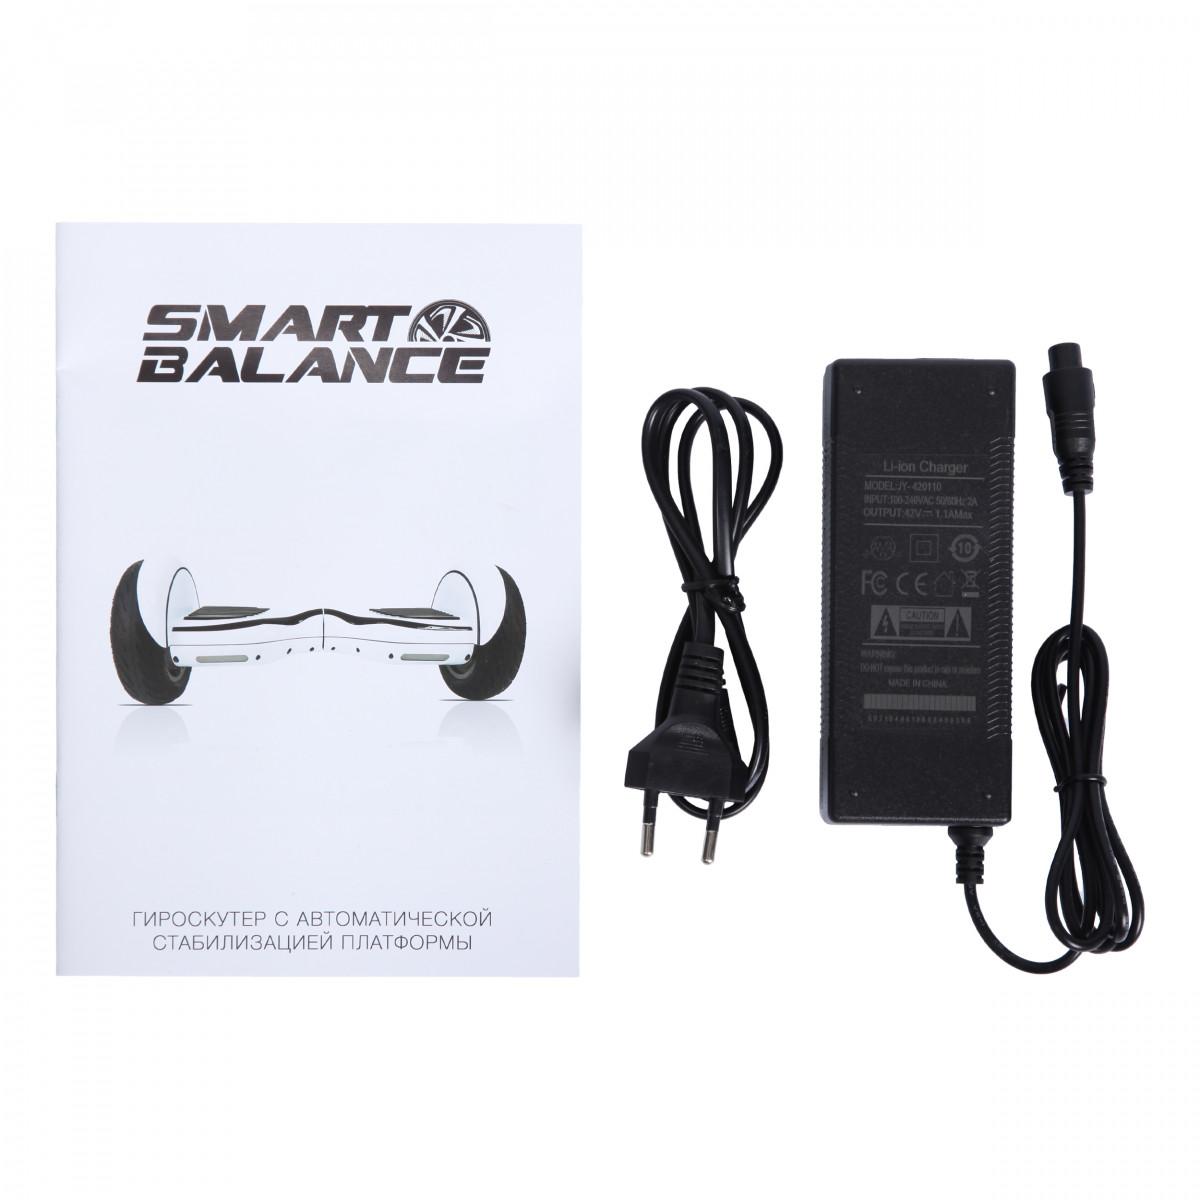 Smart Balance 10.5 PRO Синий Матовый